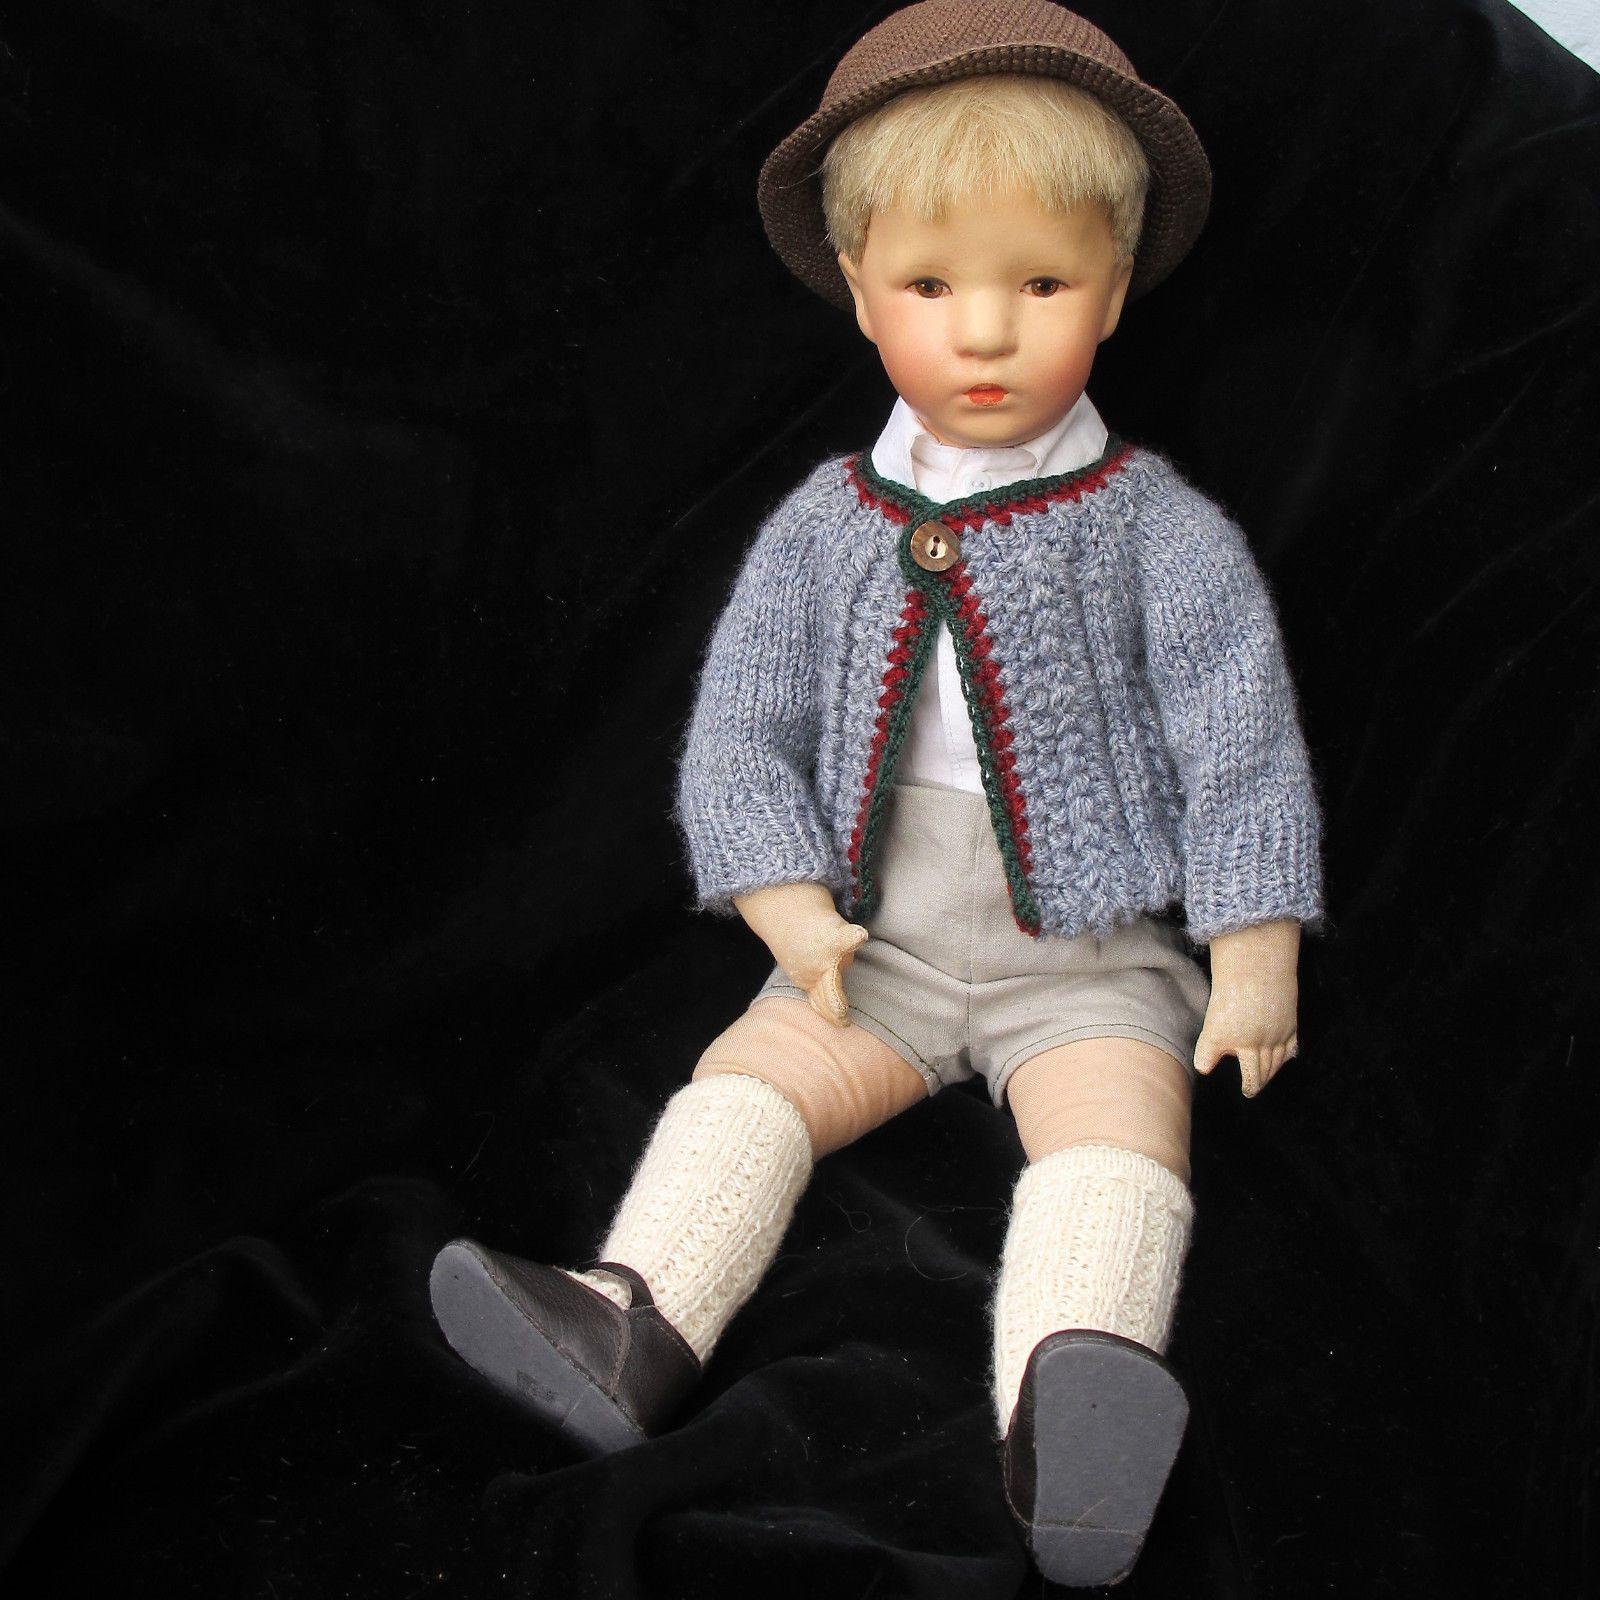 Käthe Kruse Friedebald 30er/40er Jahre Stoffkopf, Echthaar handgenüft in Antiquitäten & Kunst, Antikspielzeug, Puppen & Zubehör   eBay!